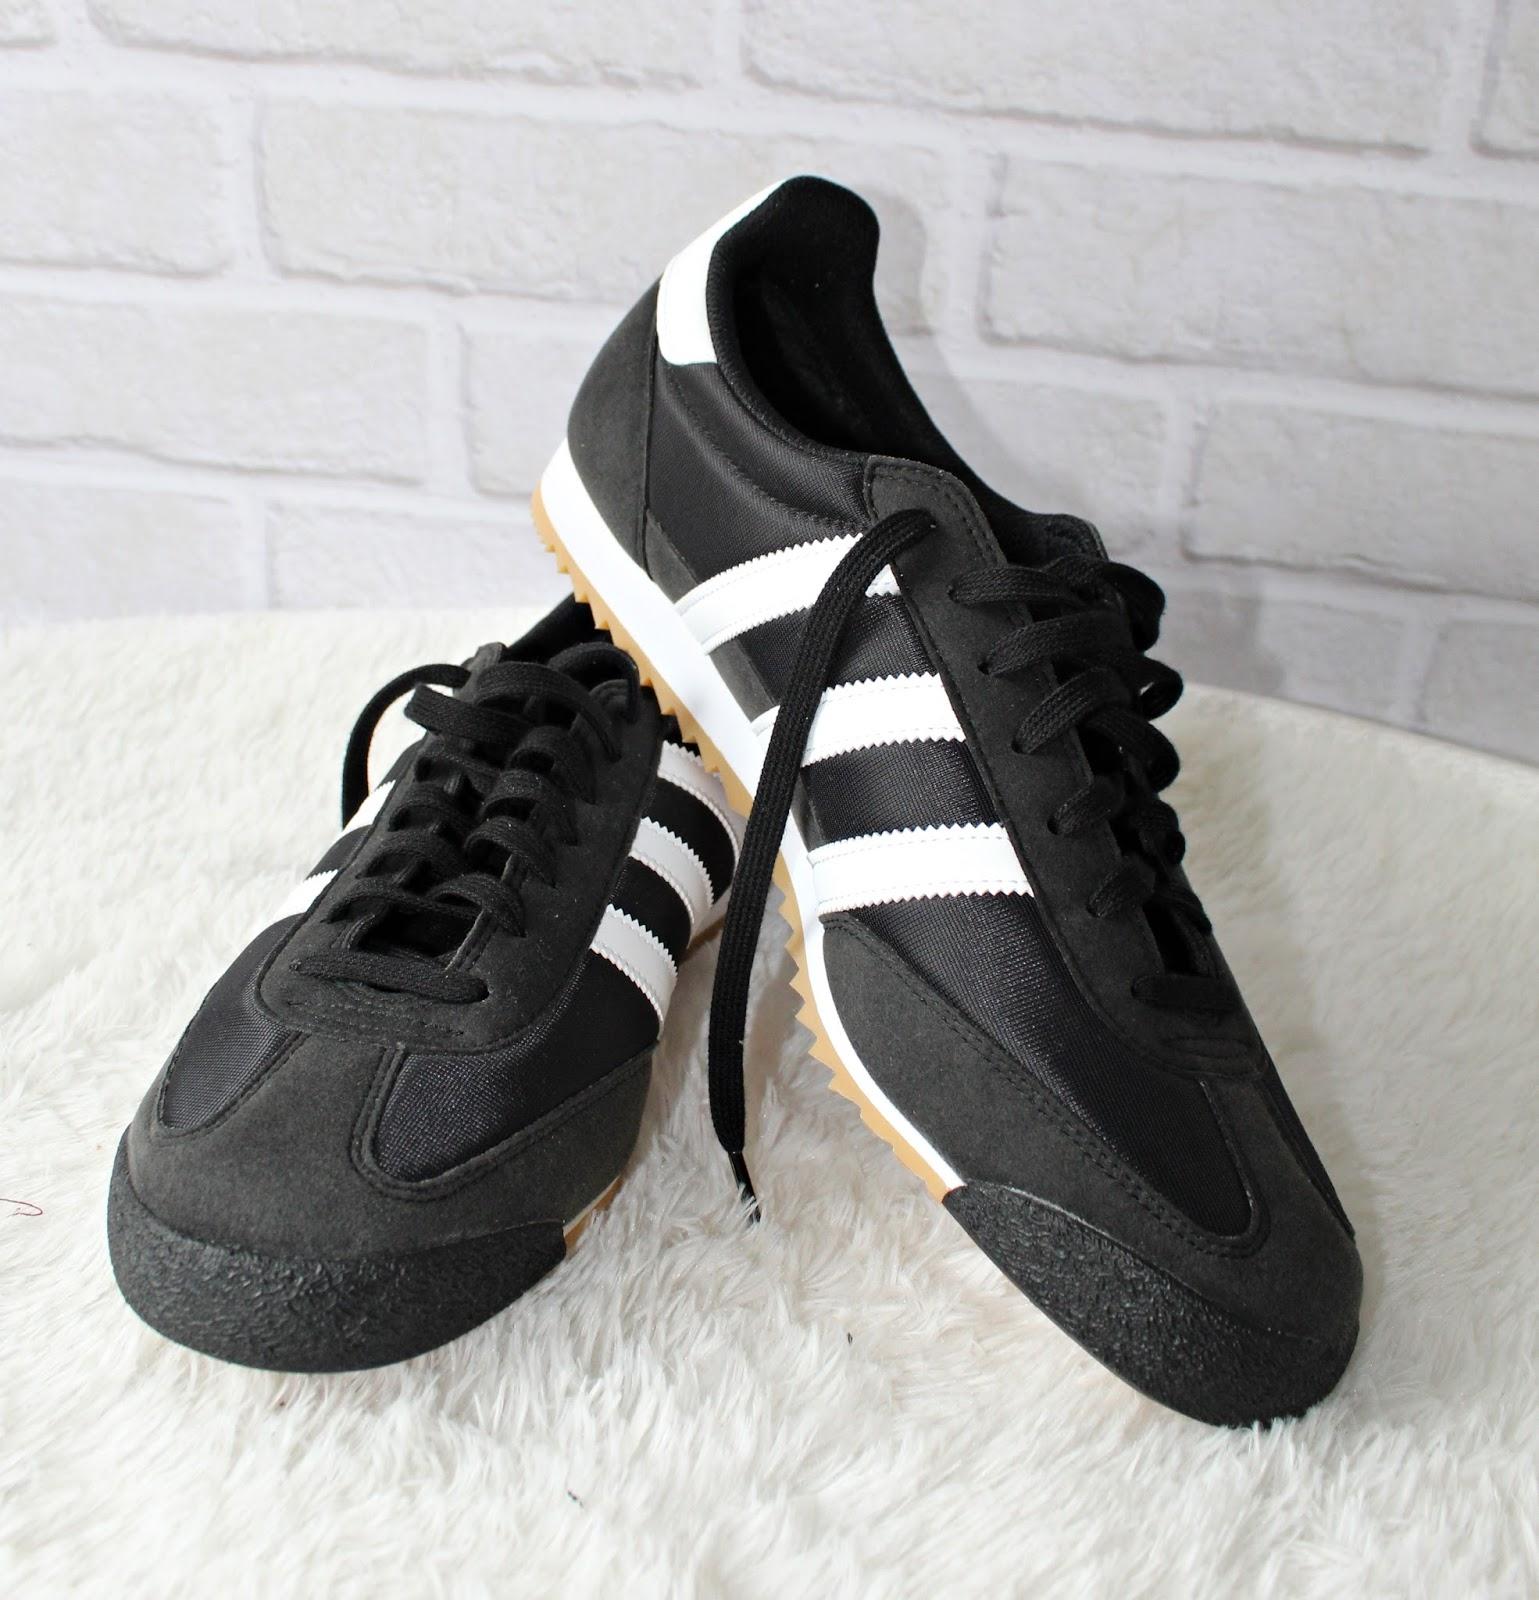 Adidas Buty adidas Pro Sprak 2018 B44963 B44963 czarny 45 13 Ceny i opinie Ceneo.pl